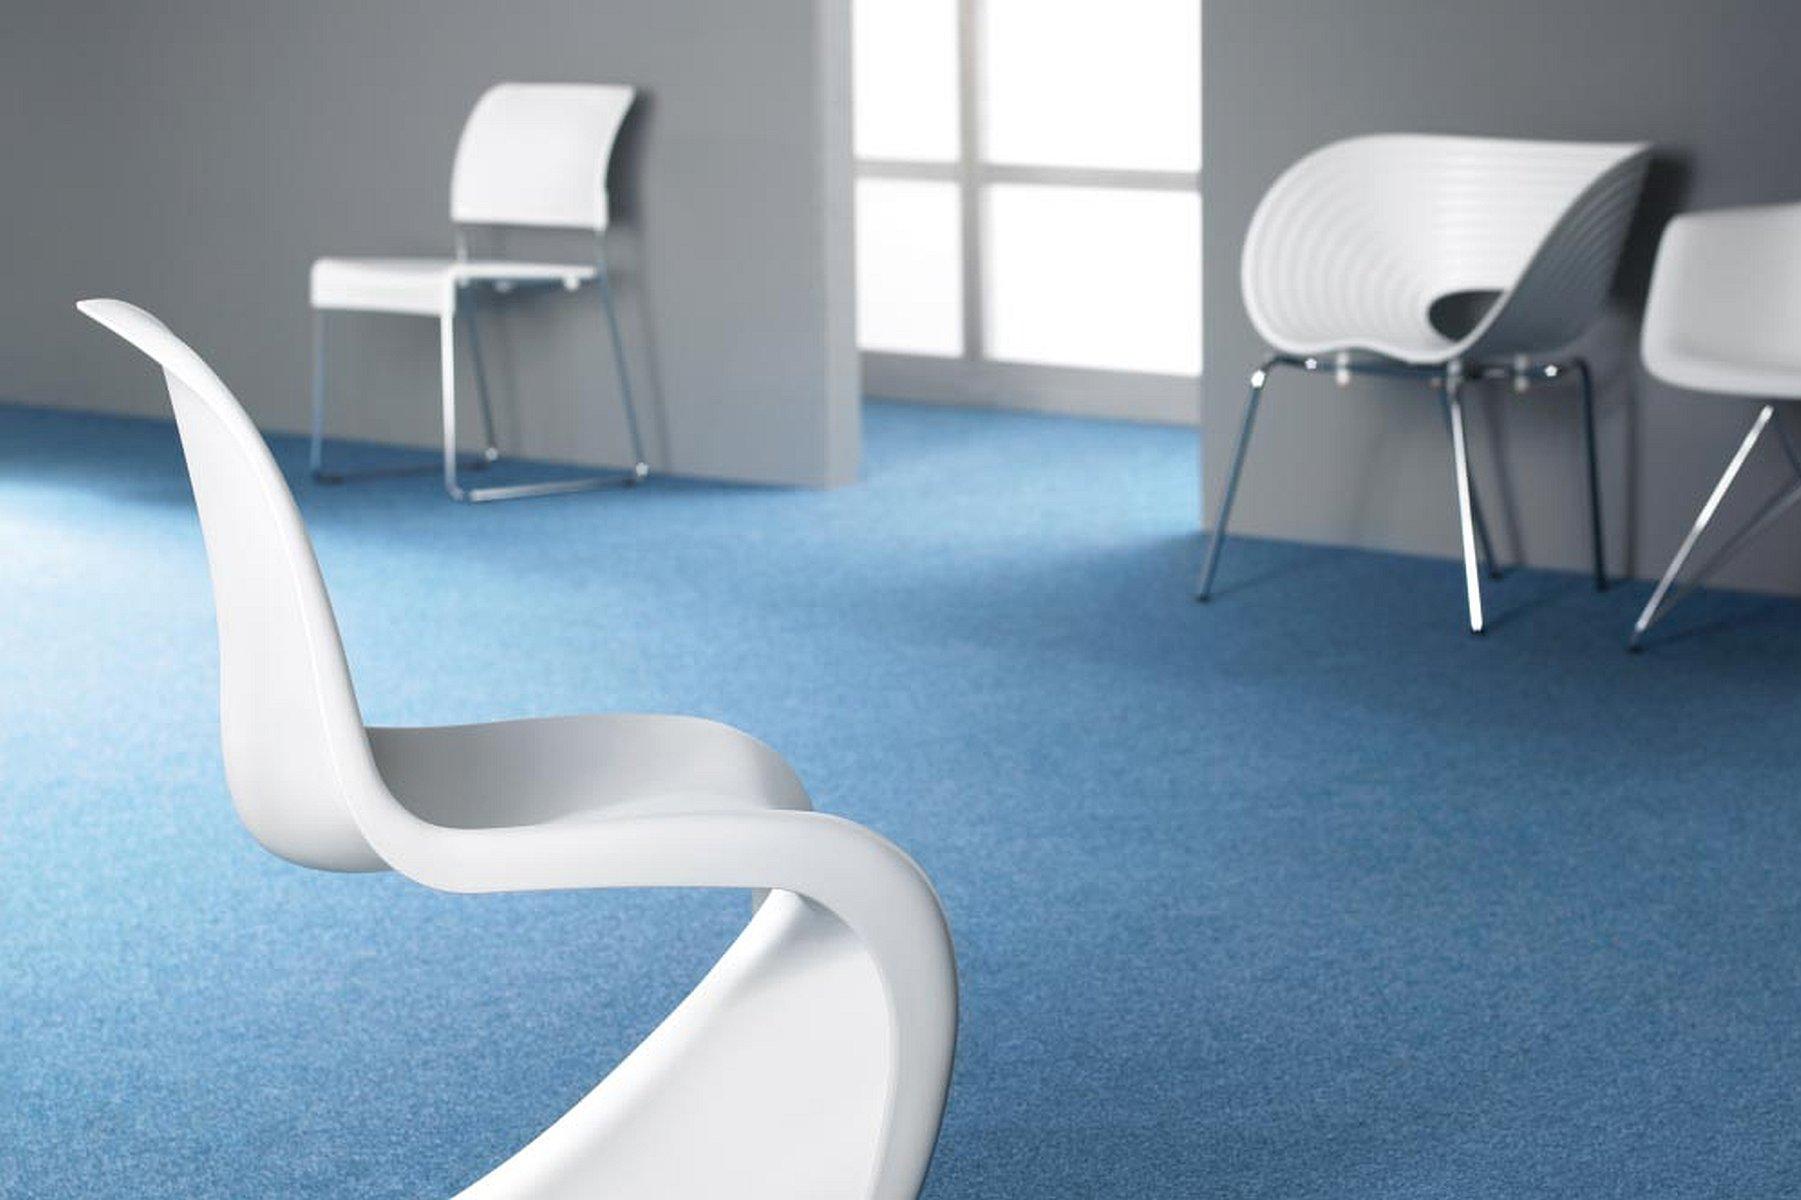 Forbo vloeren de marmoleum textura vloeren van forbo with forbo